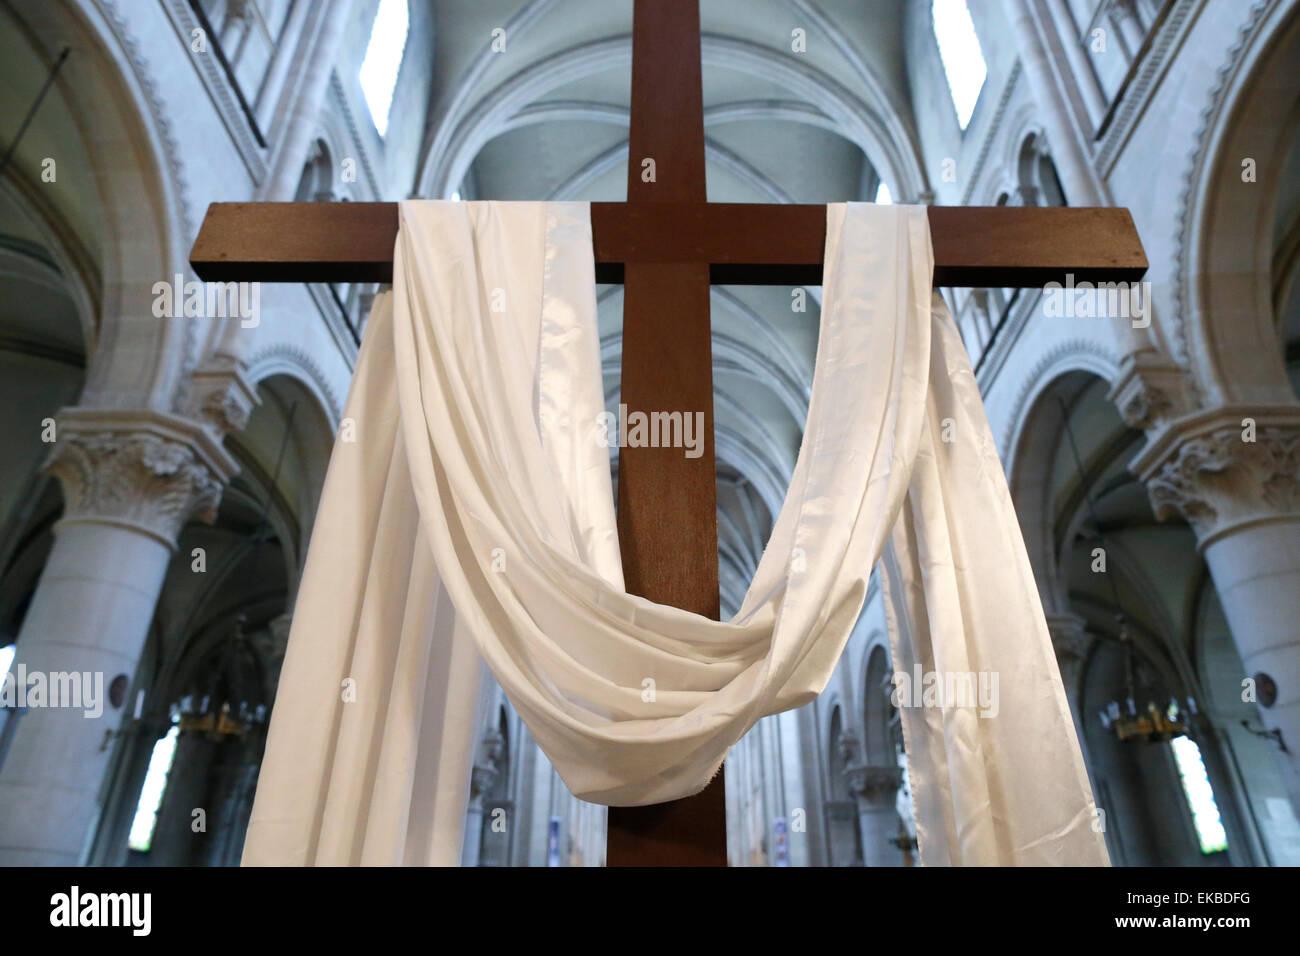 La croix et le tissu blanc symbolisent la résurrection de Jésus, la Semaine Sainte, l'église Photo Stock